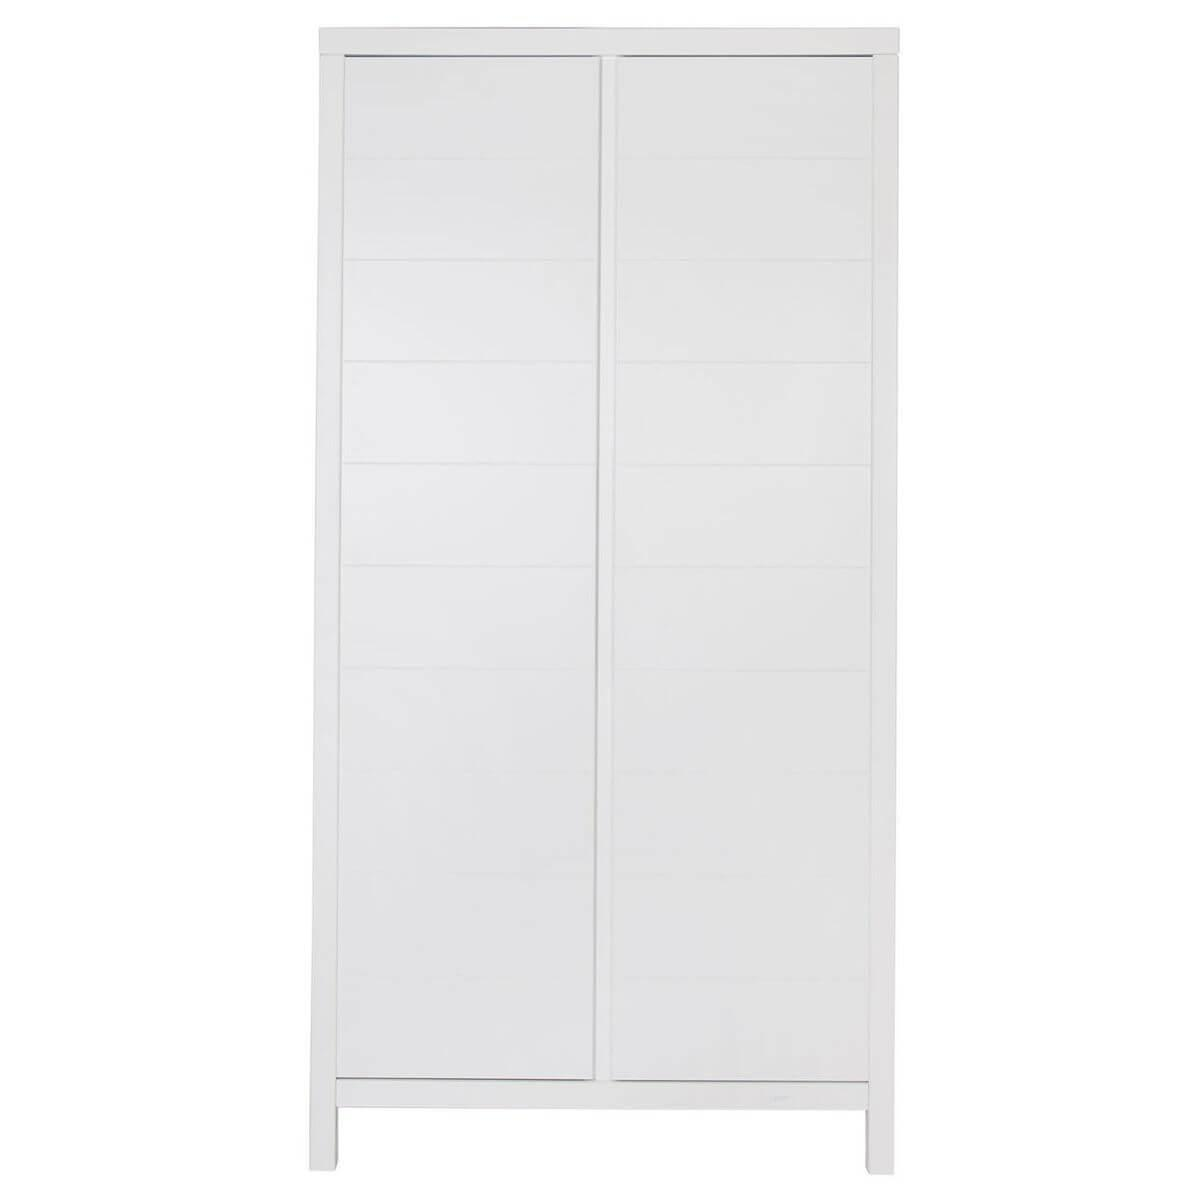 Kleiderschrank 2 Türen STRIPES Quax weiß